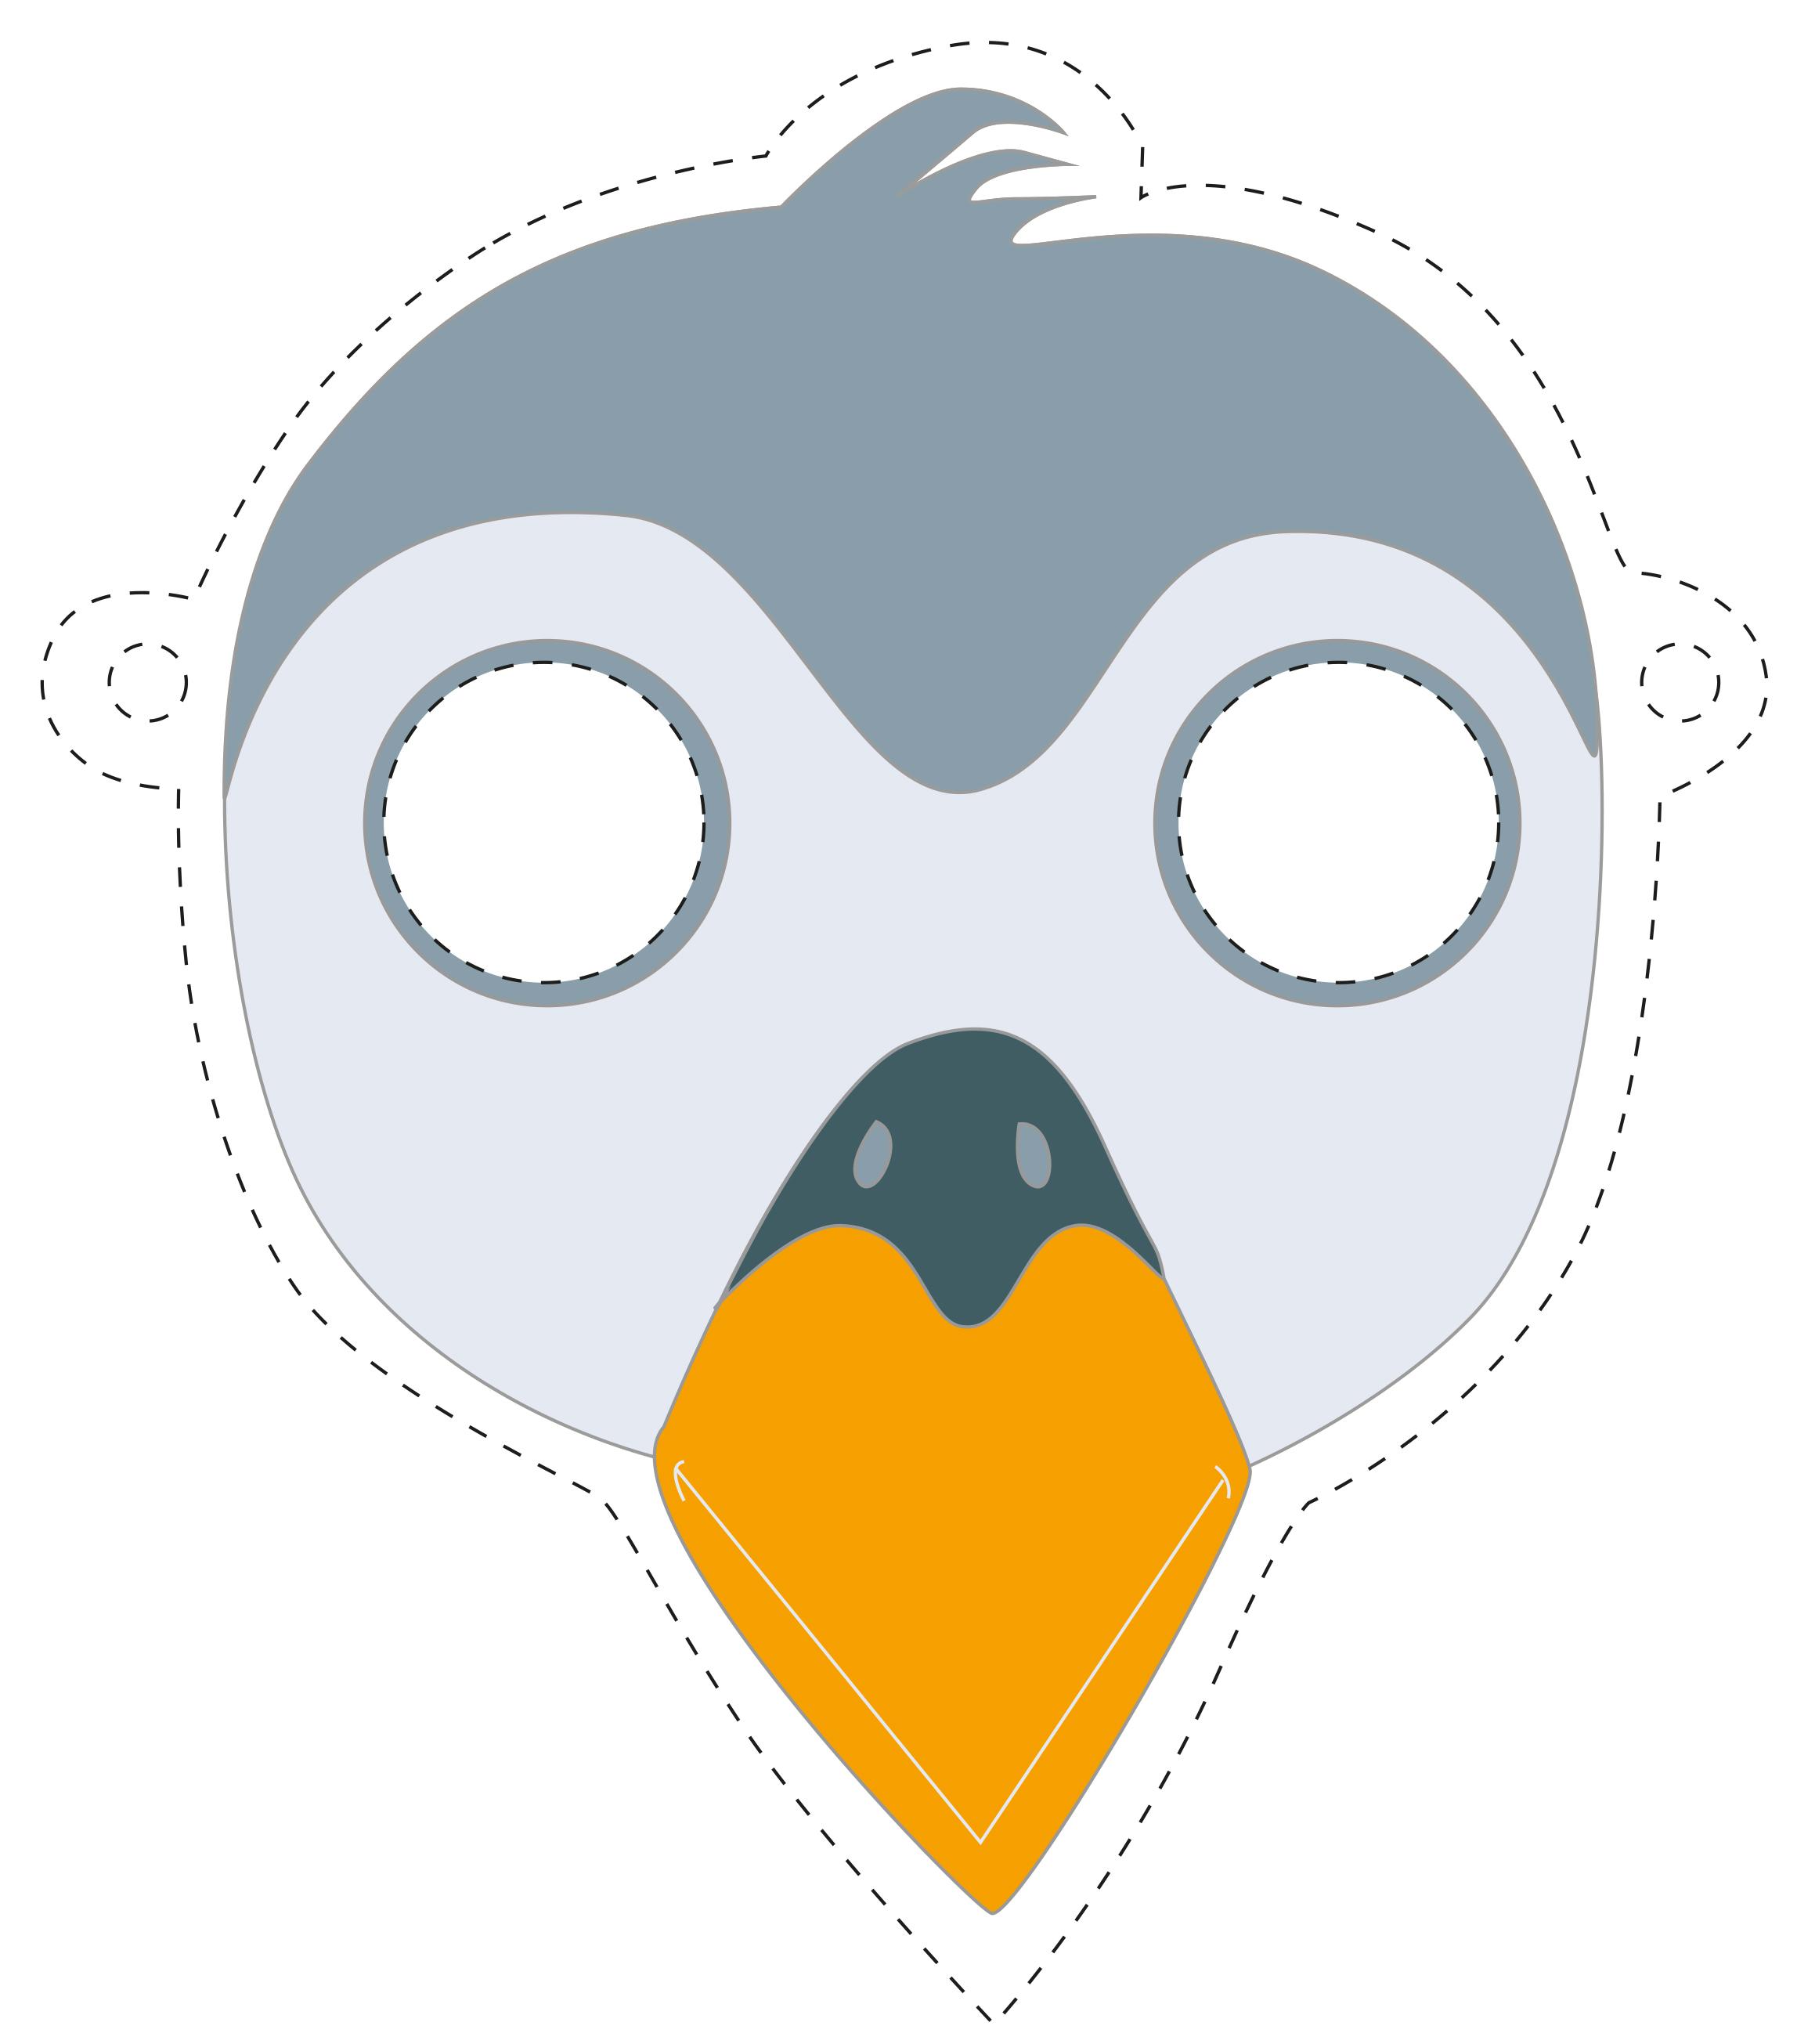 Faschingsmaske selber machen vorlage wohn design - Pinguin basteln vorlage ...